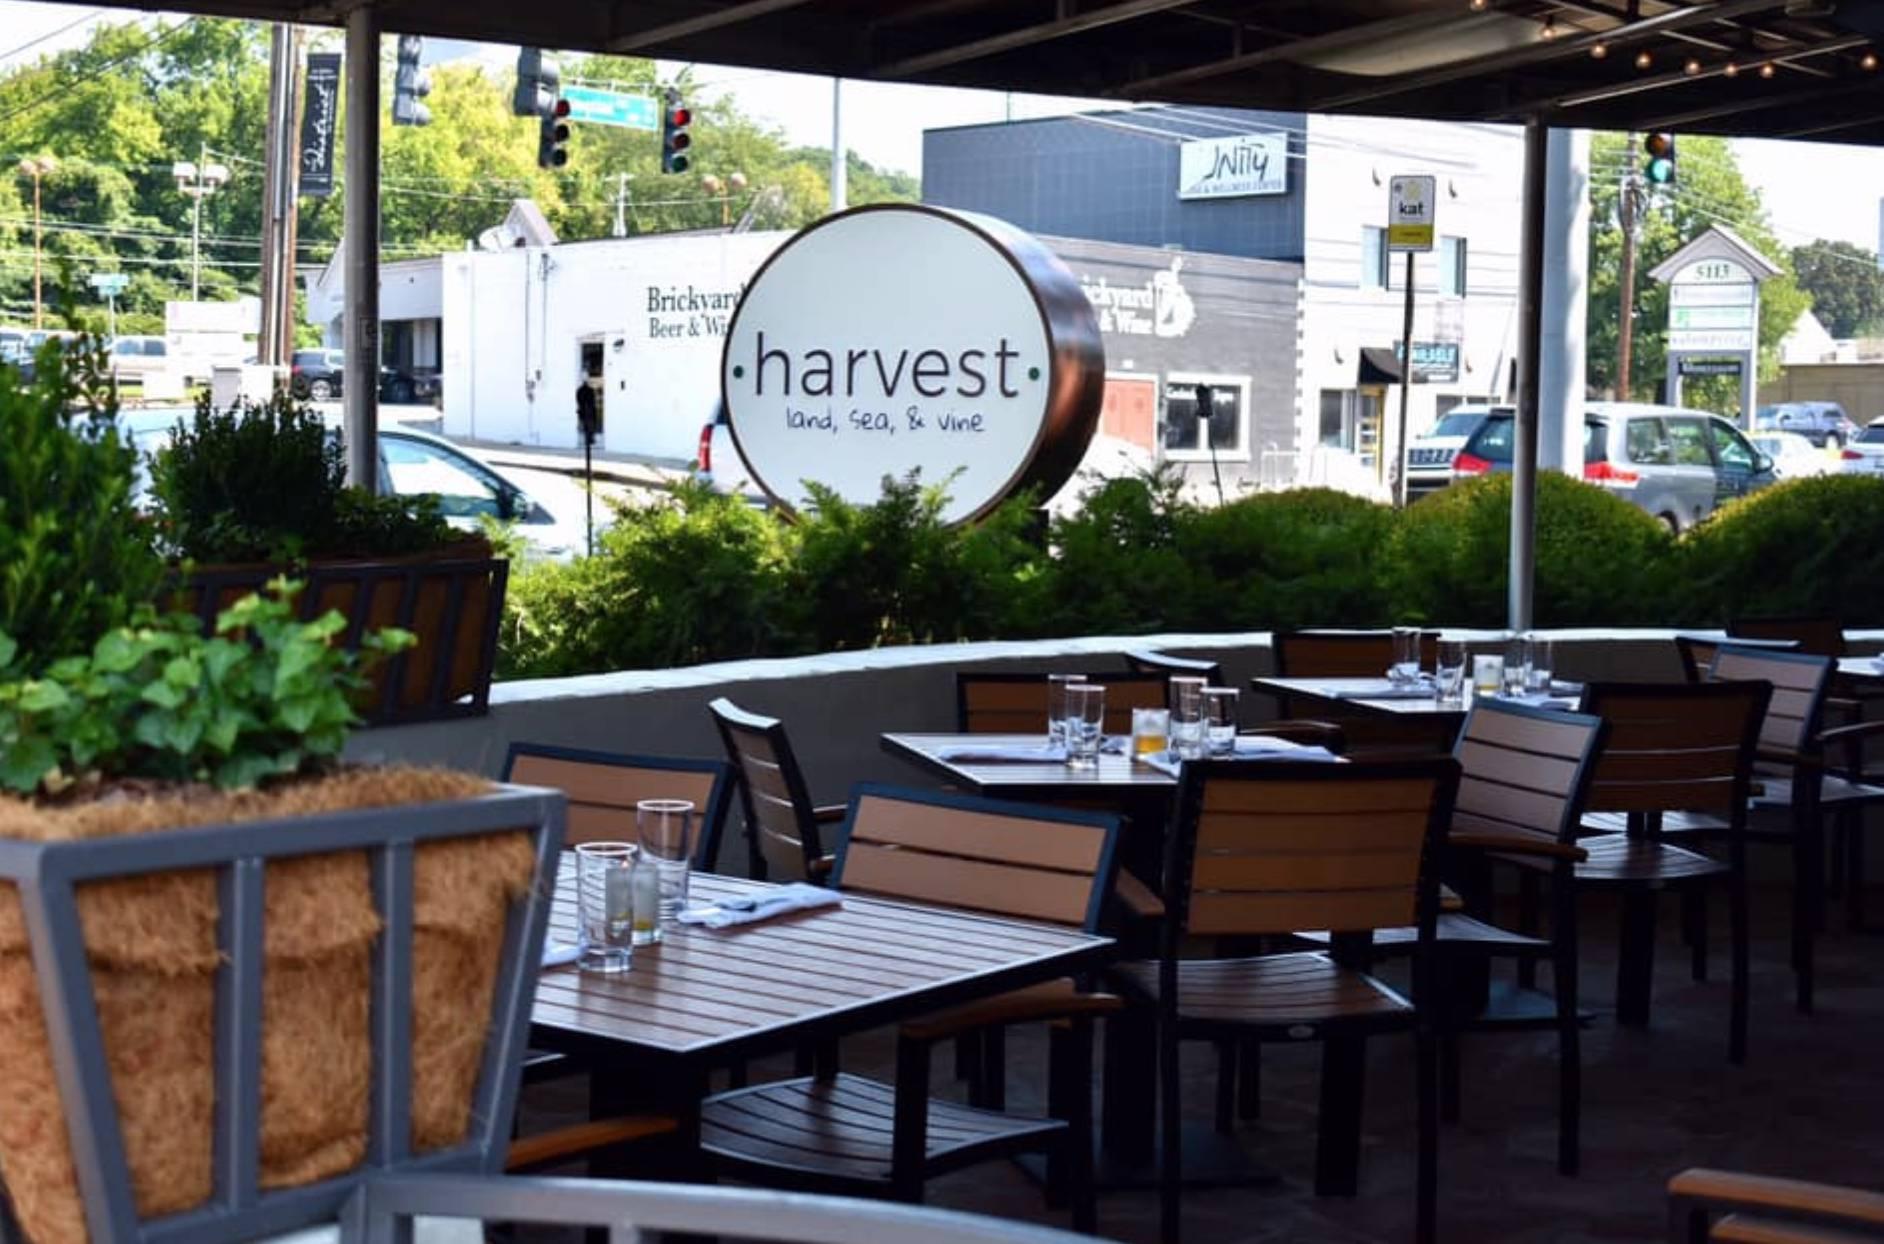 Harvest - Land, Sea, & Vine